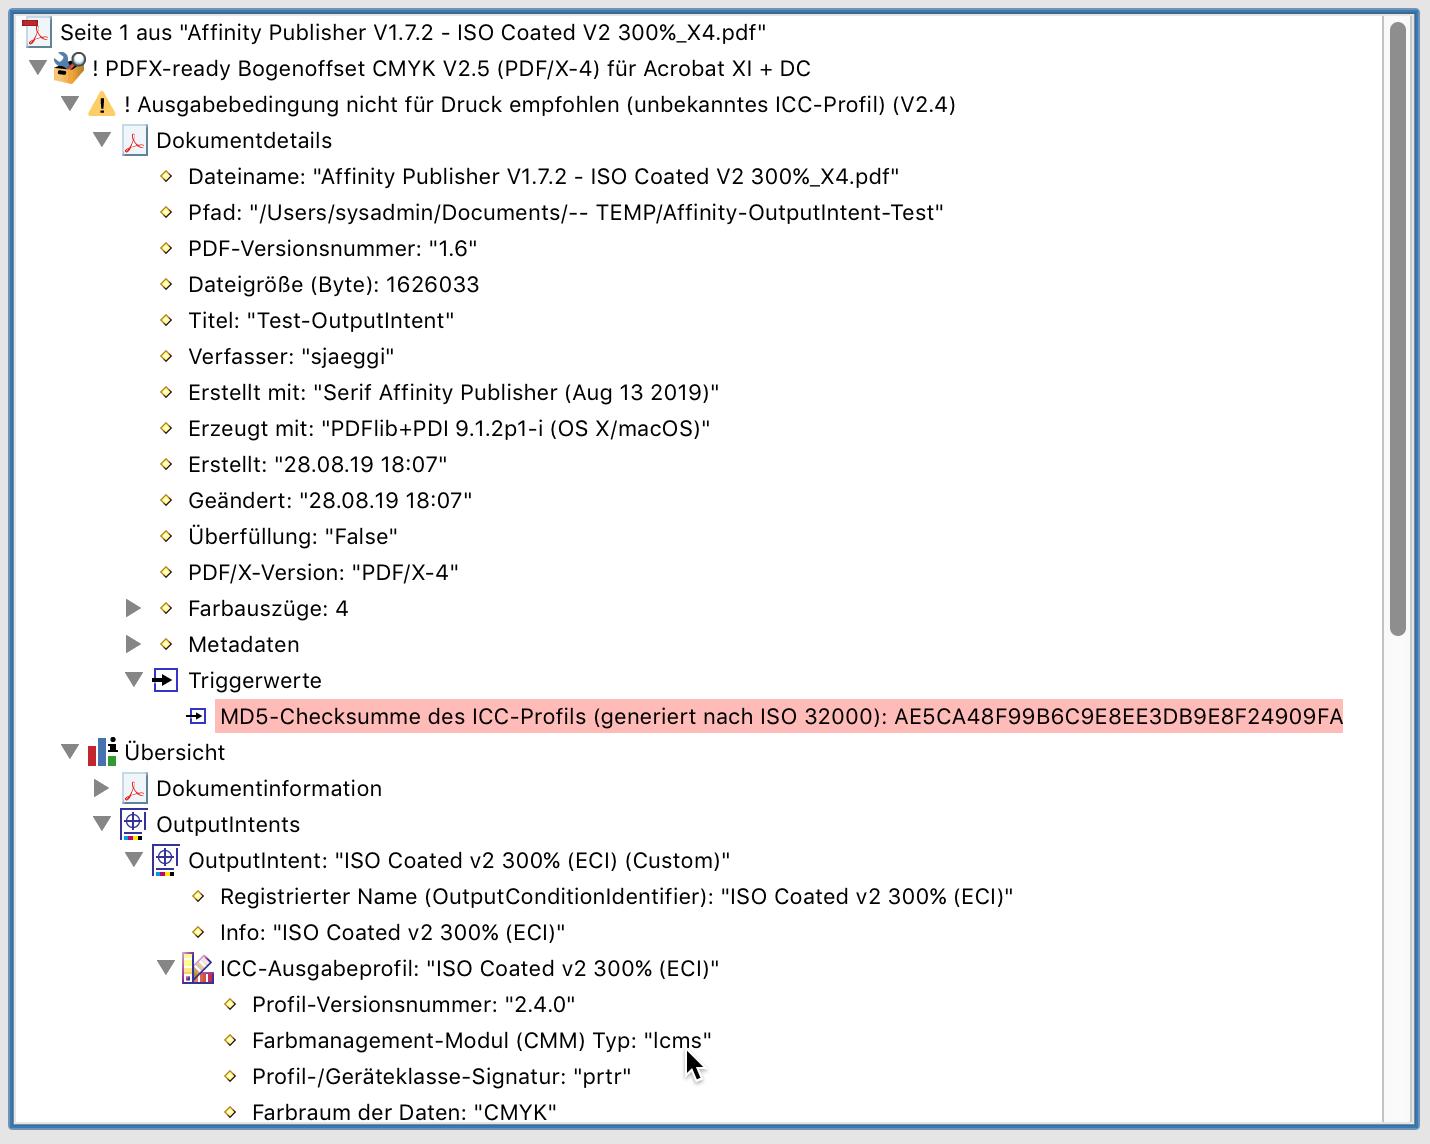 AffinityPublisher_ISOCoatedV2-300_Prefli